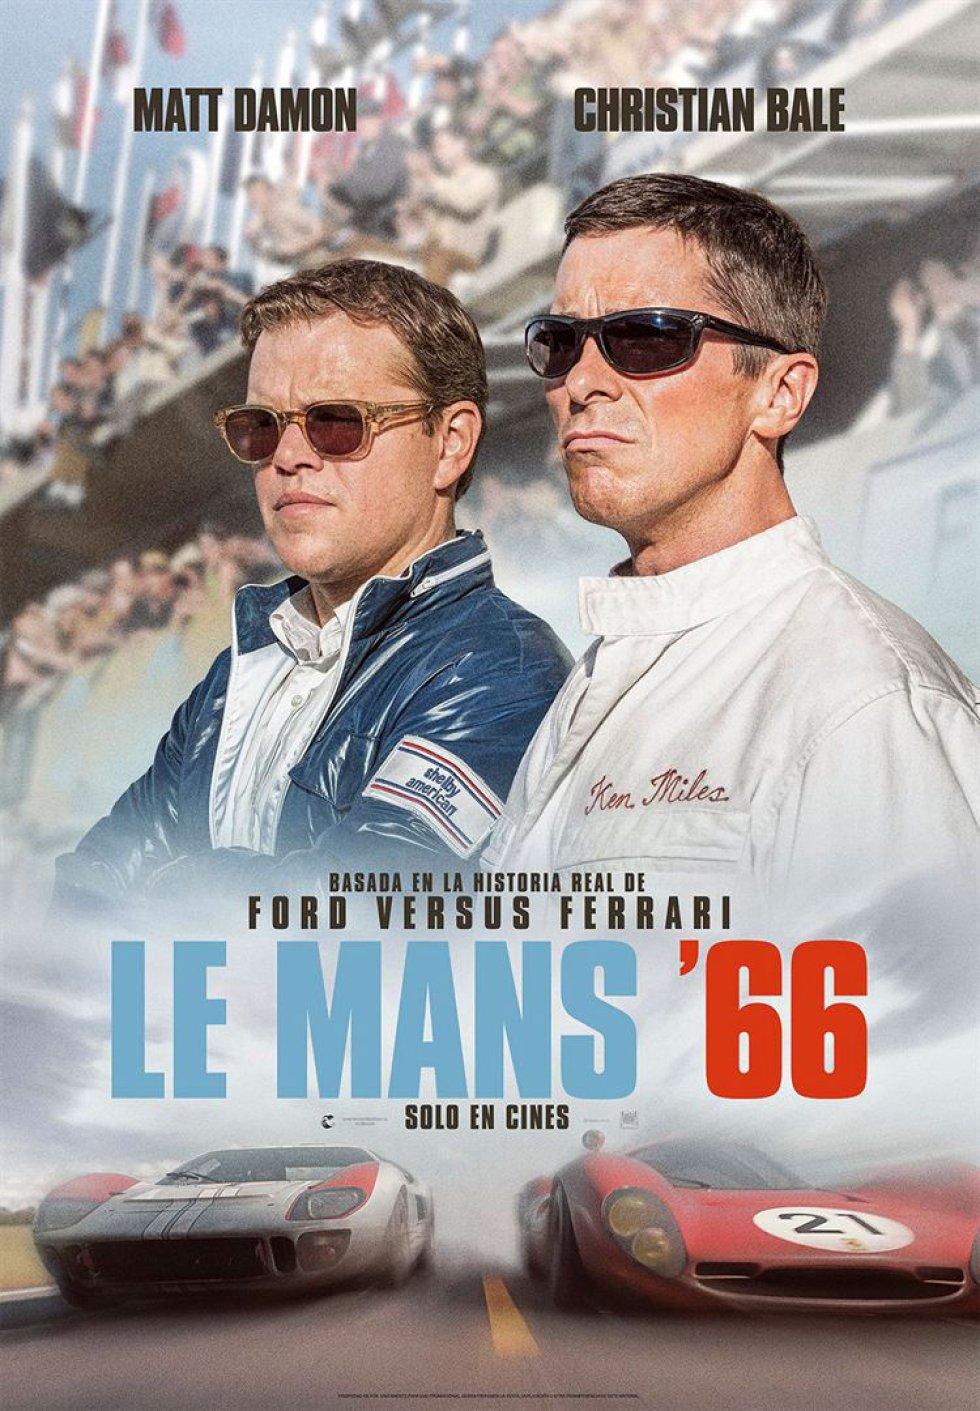 'Le Mans' 66' opta a cuatro estatuillas, entre ellas la de mejor película. Dirigida por James Mangold y basada en la gesta de un piloto, Ken Miles, y de una marca, Ford, en la mítica carrera automovilística francesa de aquel año.